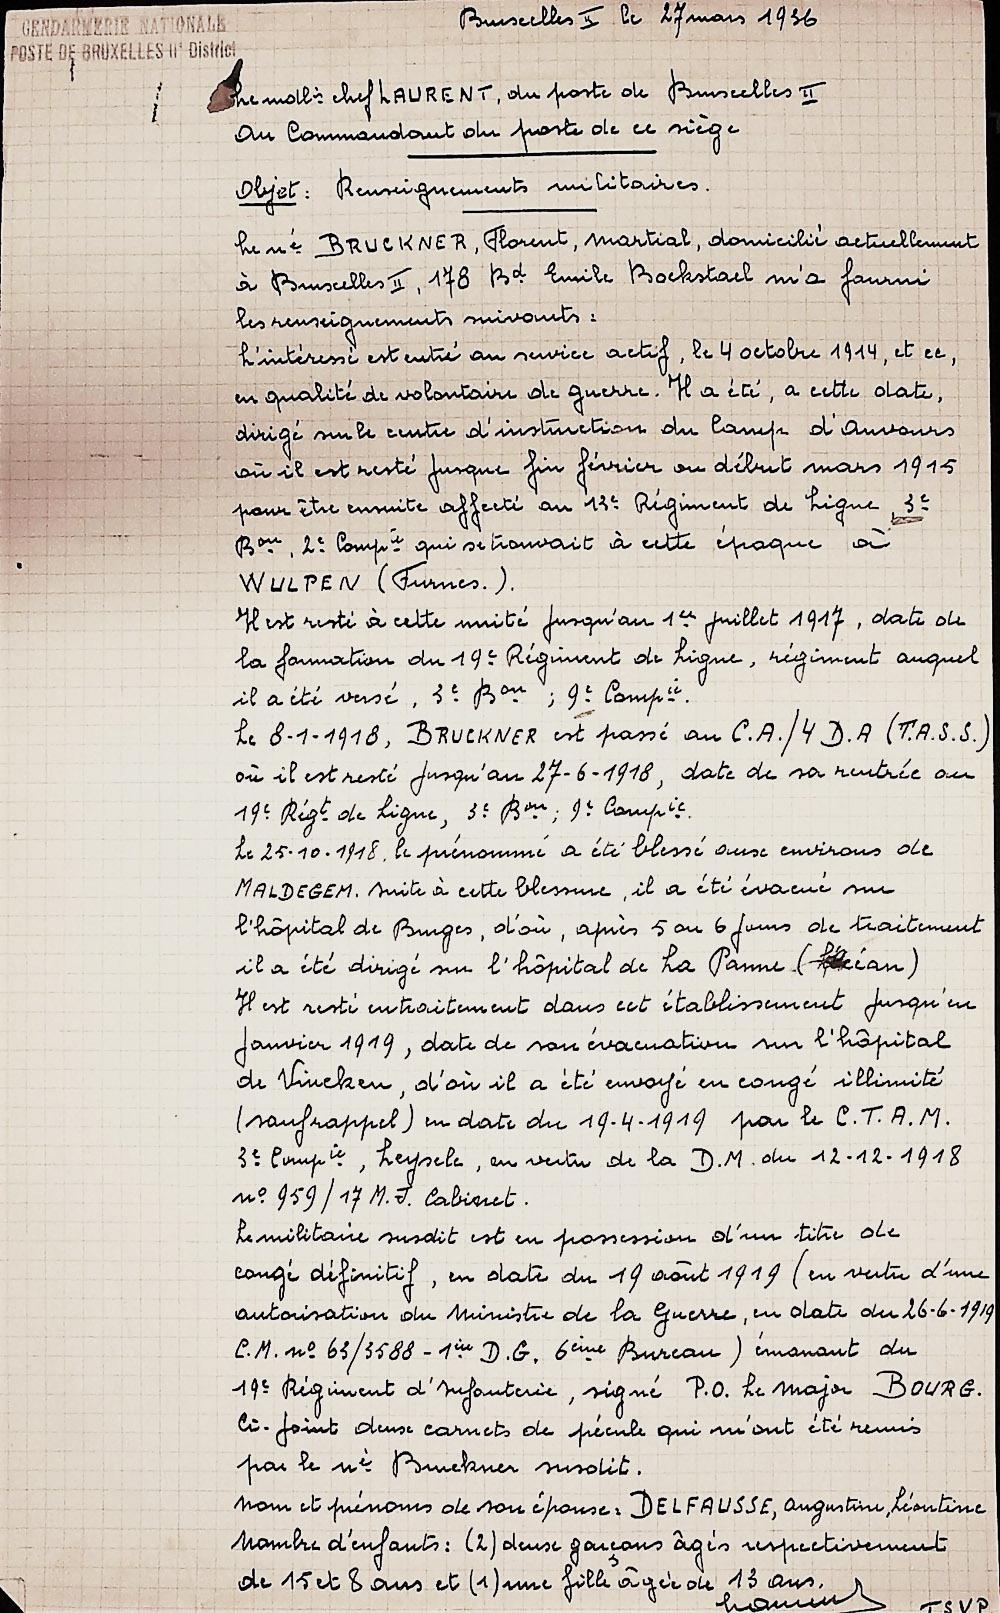 asu renseignements milit 1936 BRUCKNER Martial 39